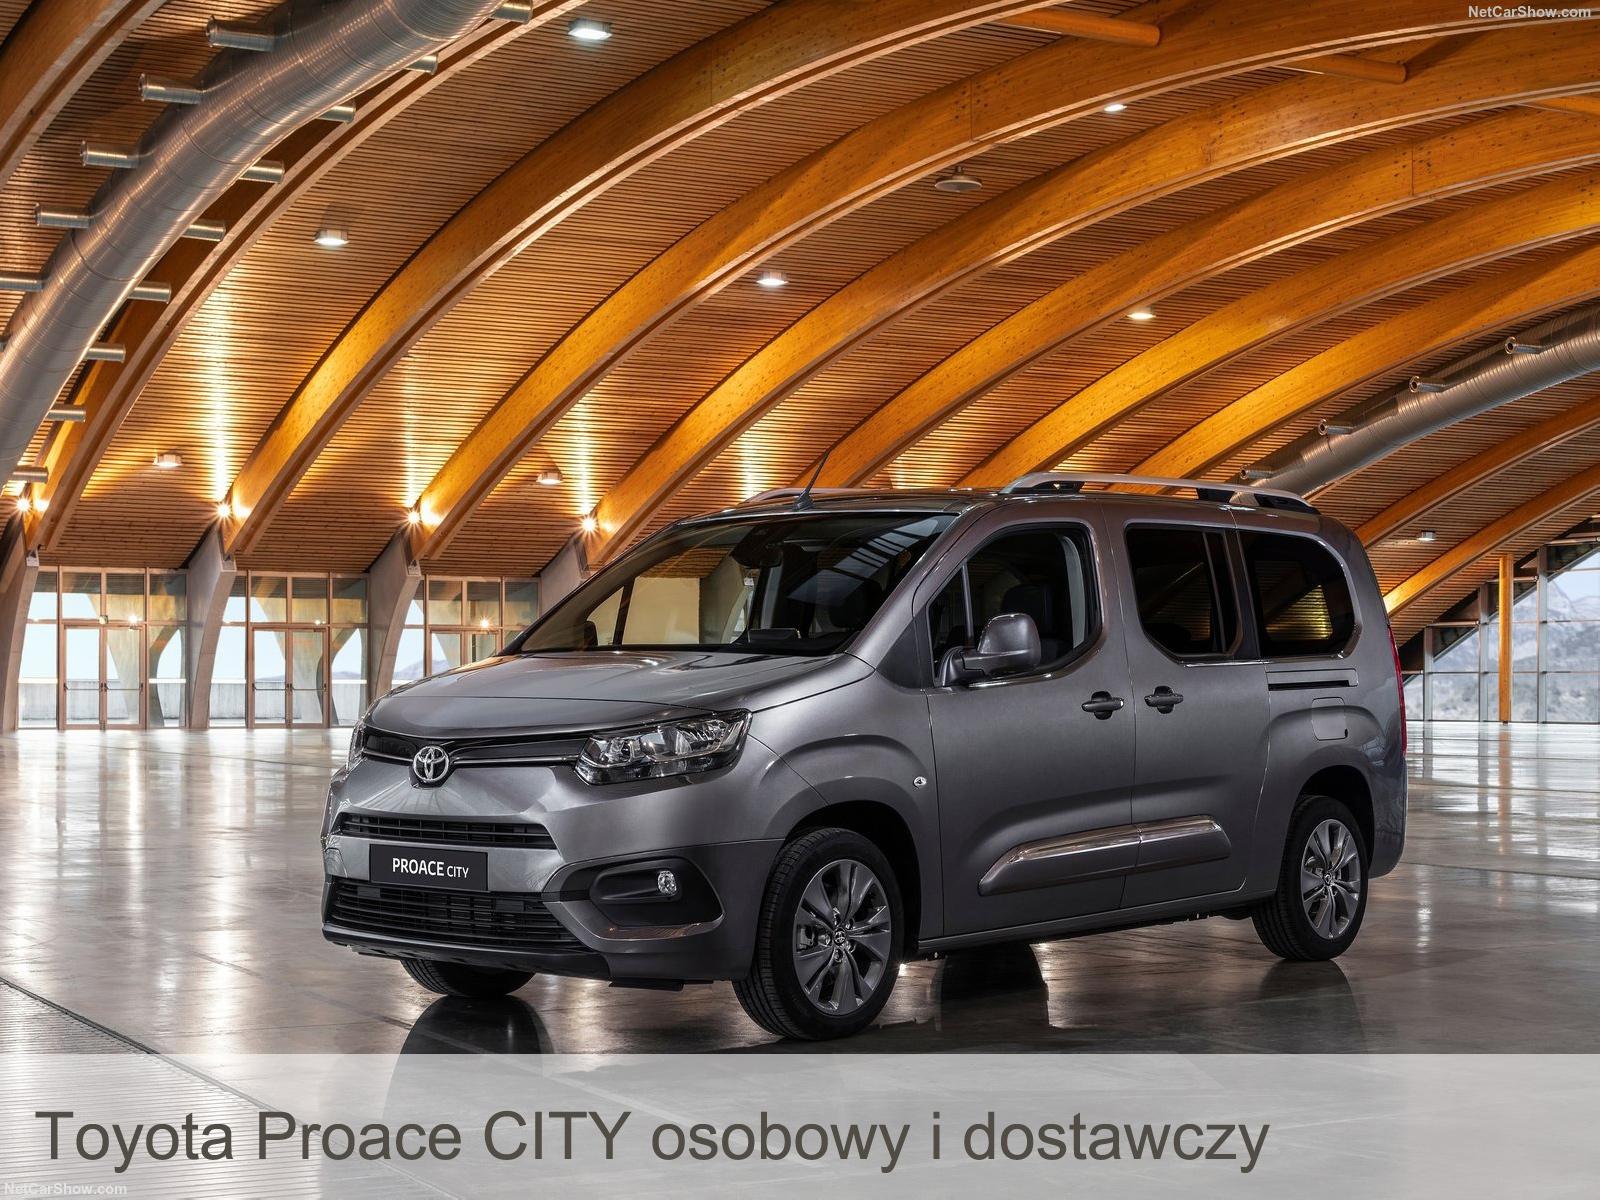 Toyota-Proace-CITY-osobowy-i-dostawczy